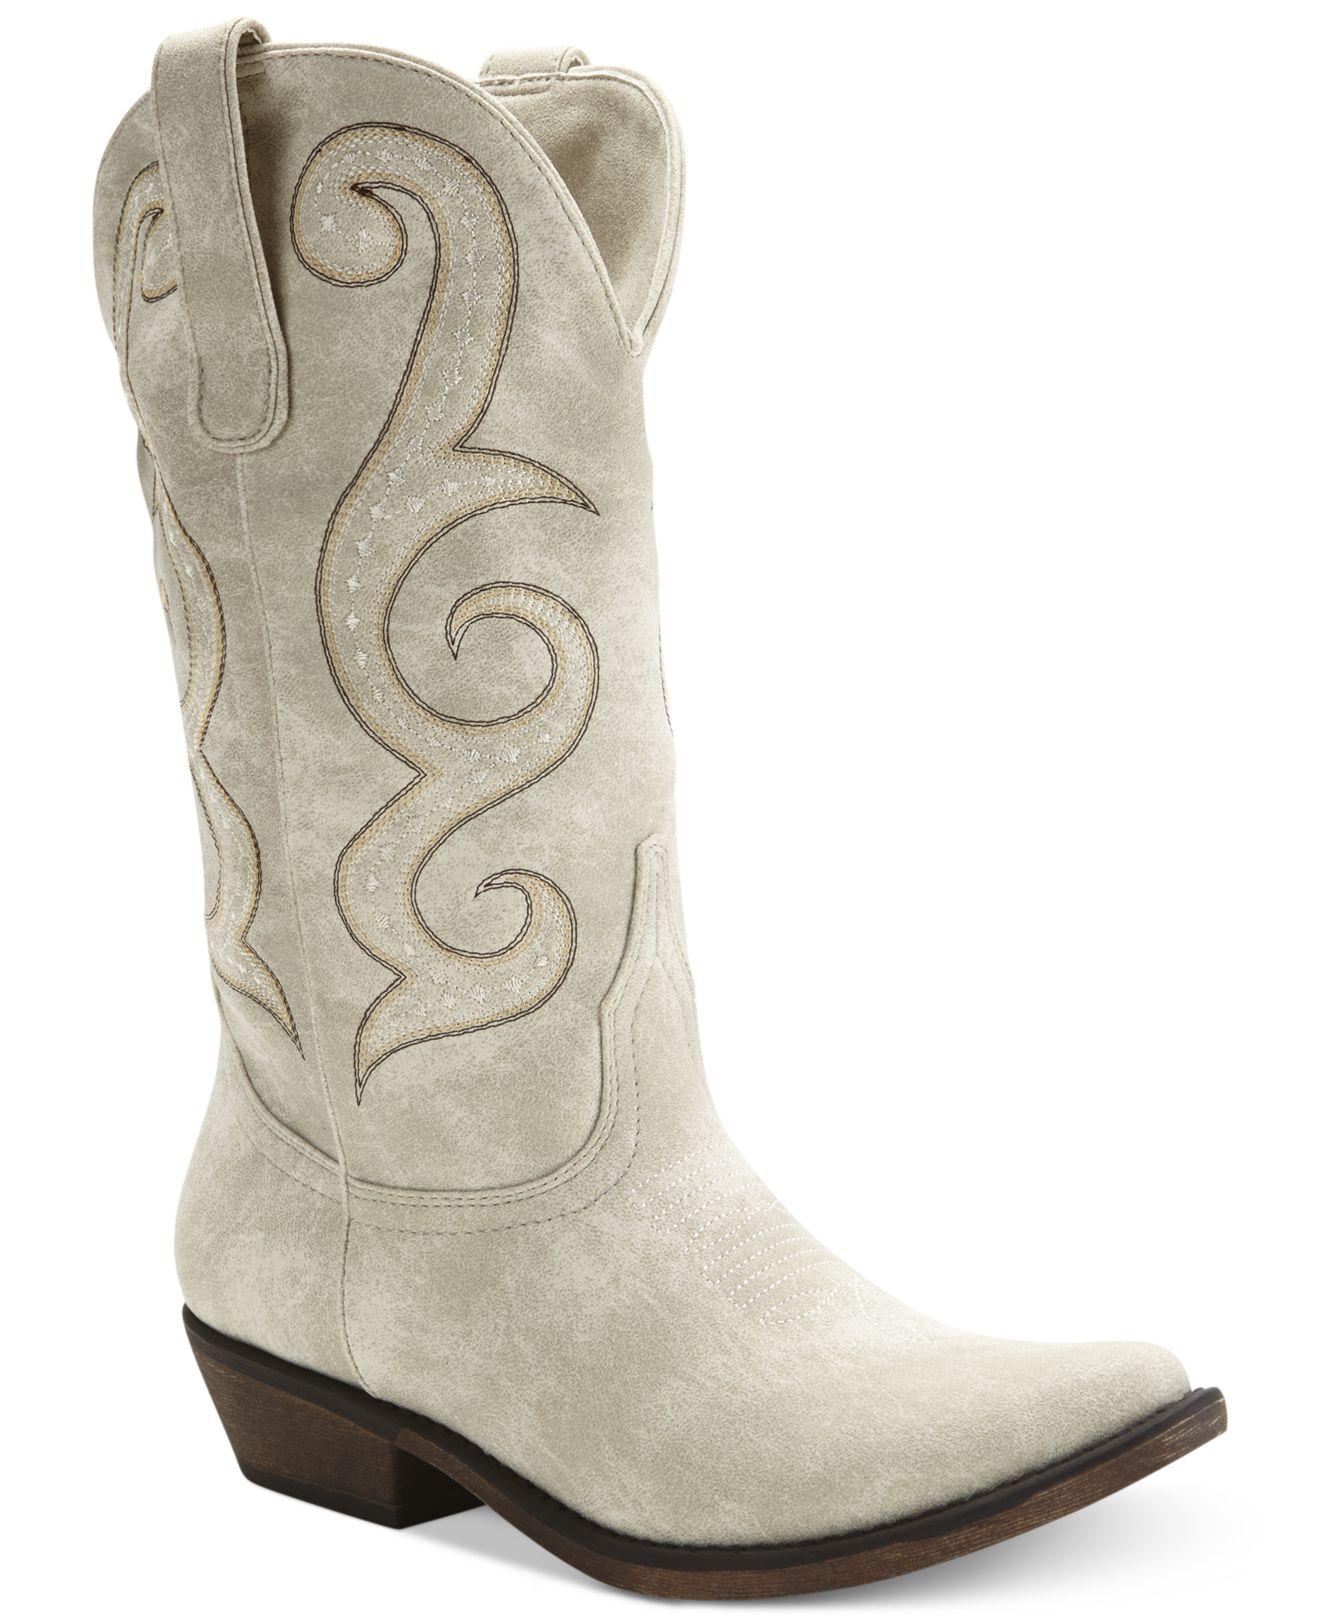 American Rag Dawnn Cowboy Boots in